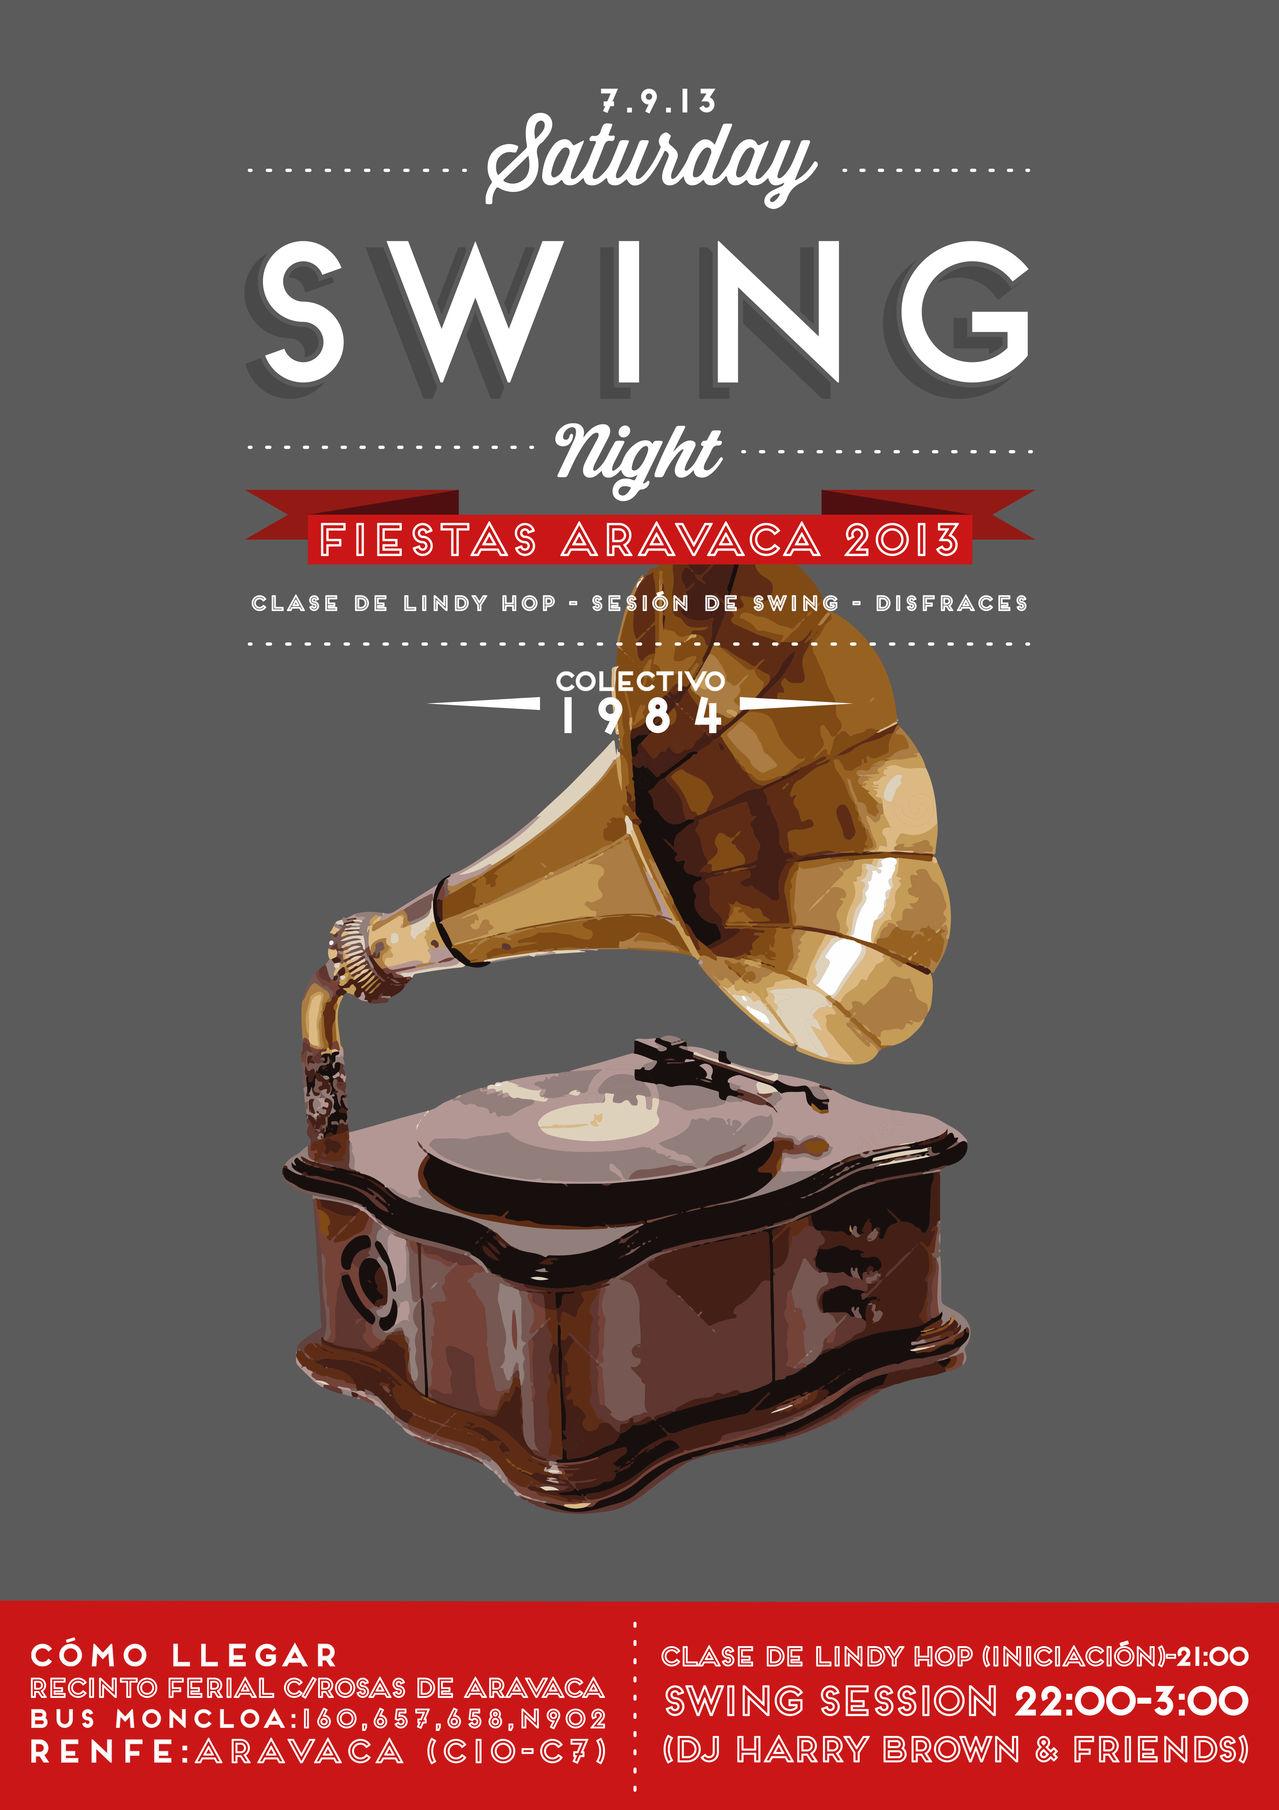 Noche_swing